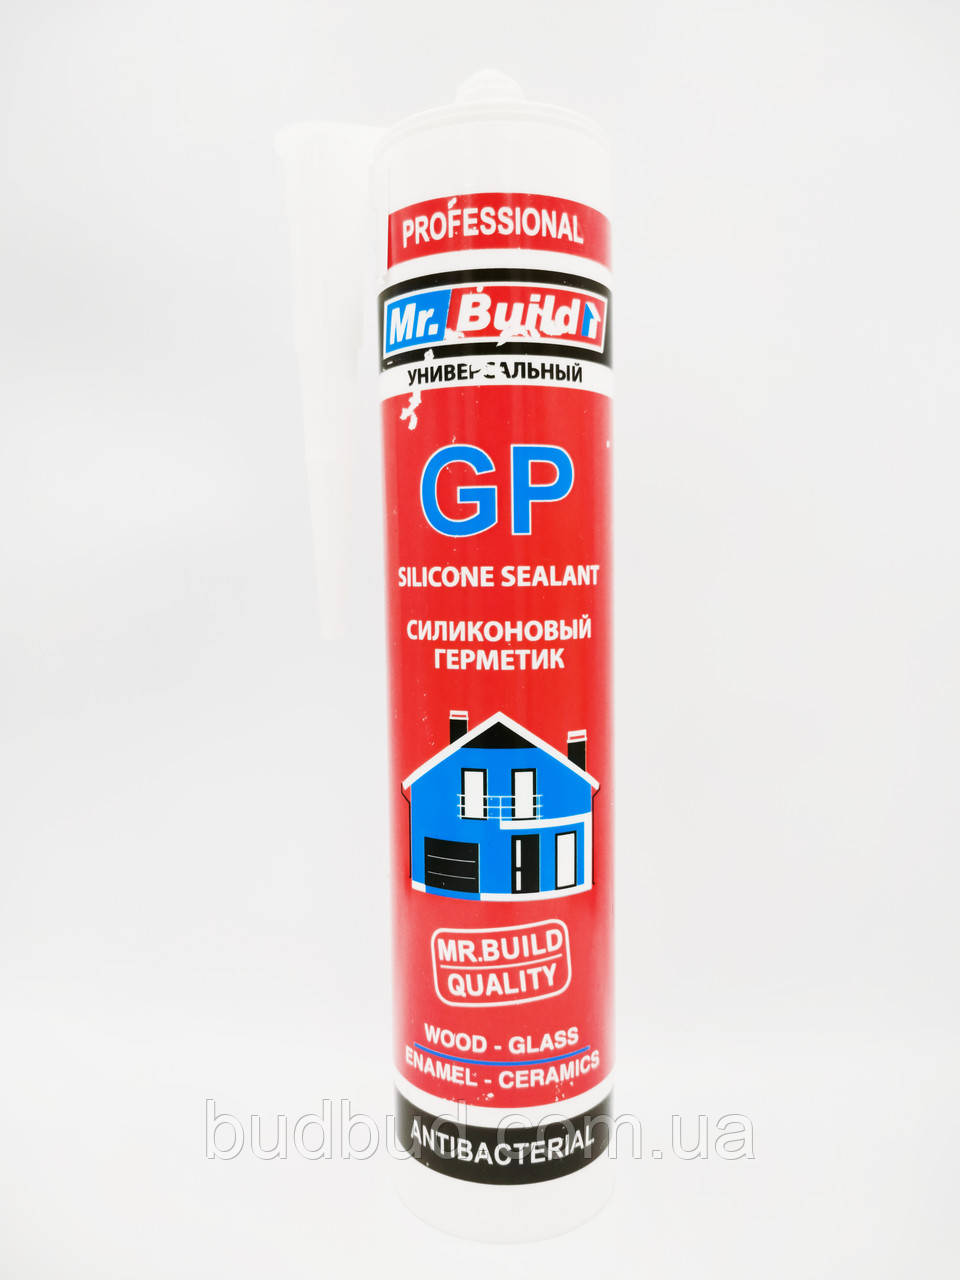 Mr.Build GP - універсальний силіконовий герметик коричневий, 280 мл.